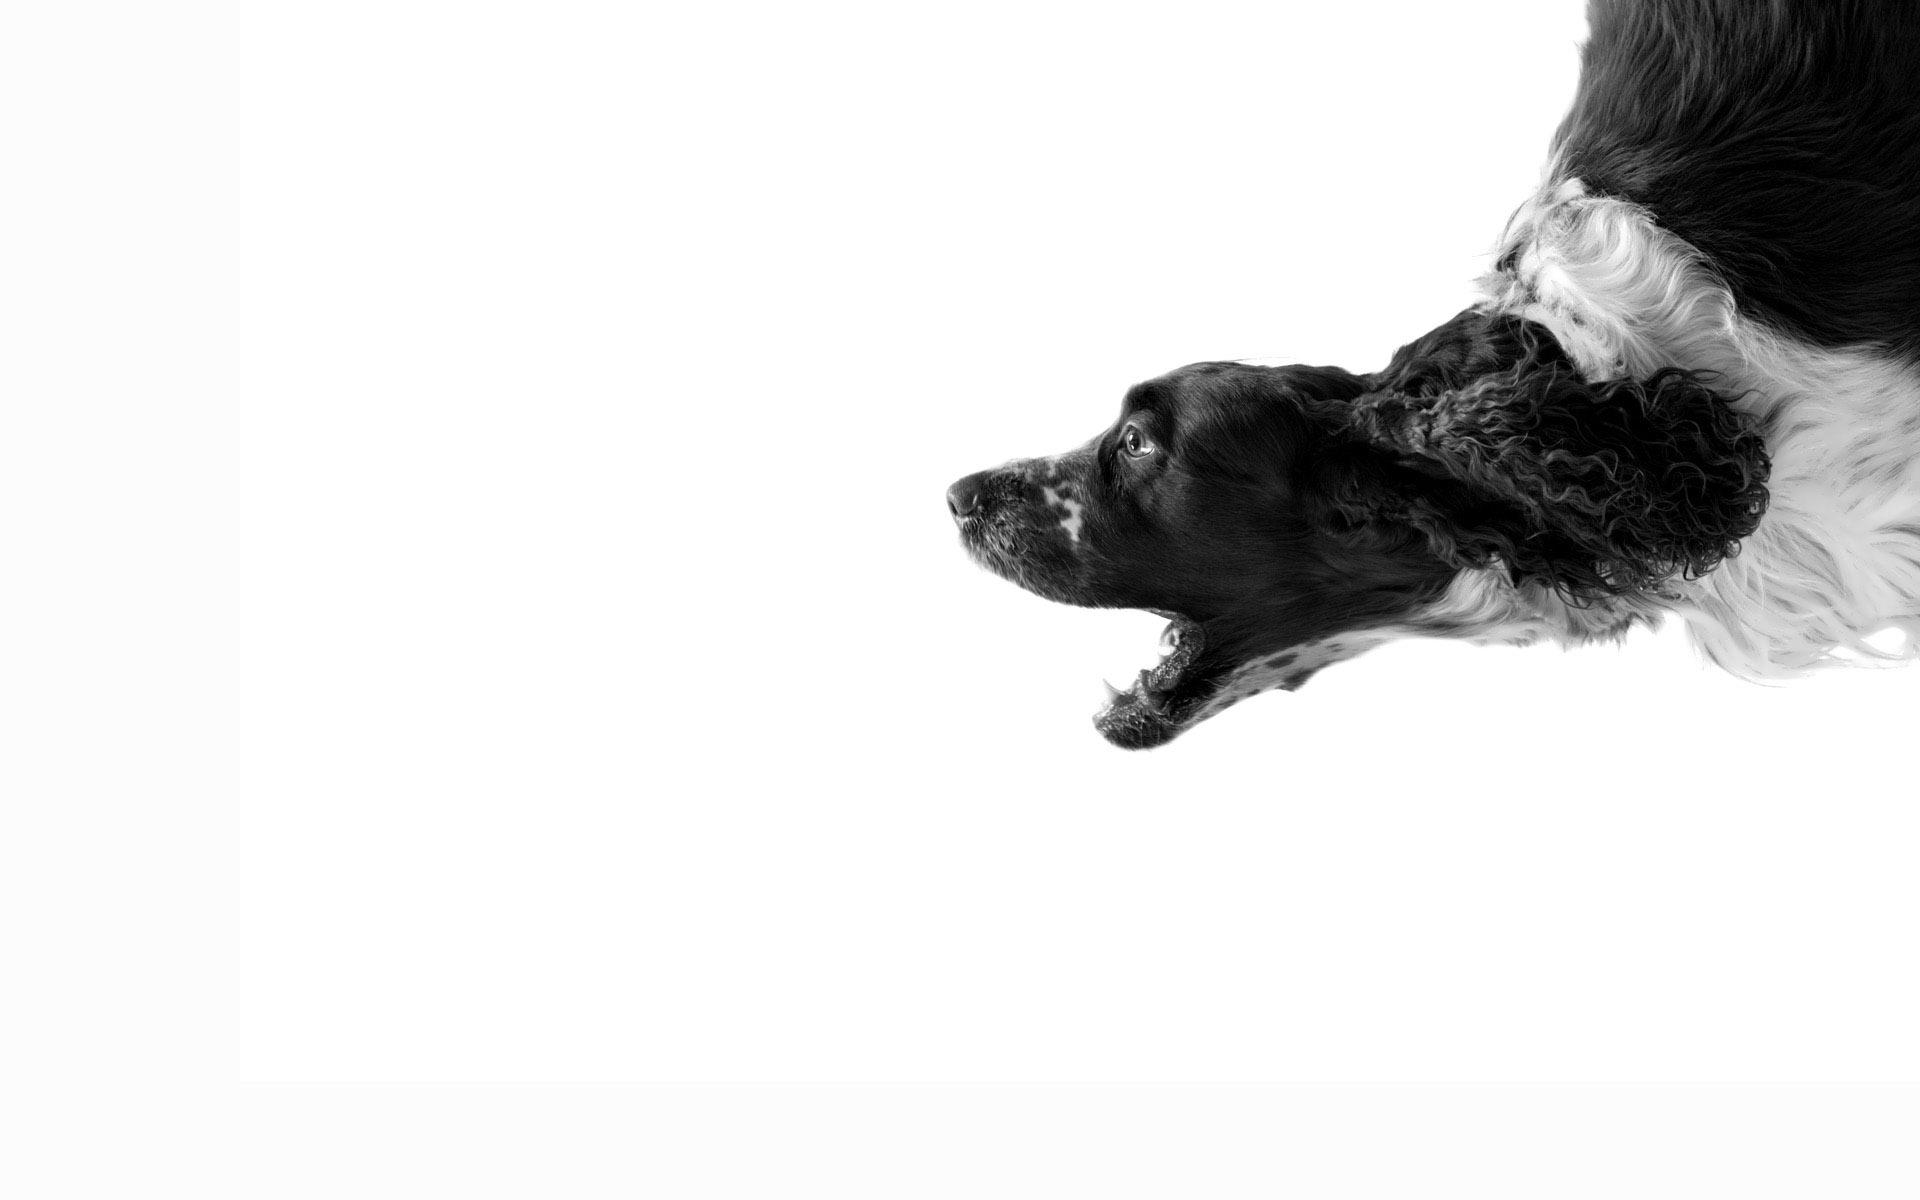 Sfondi desktop cani gratis